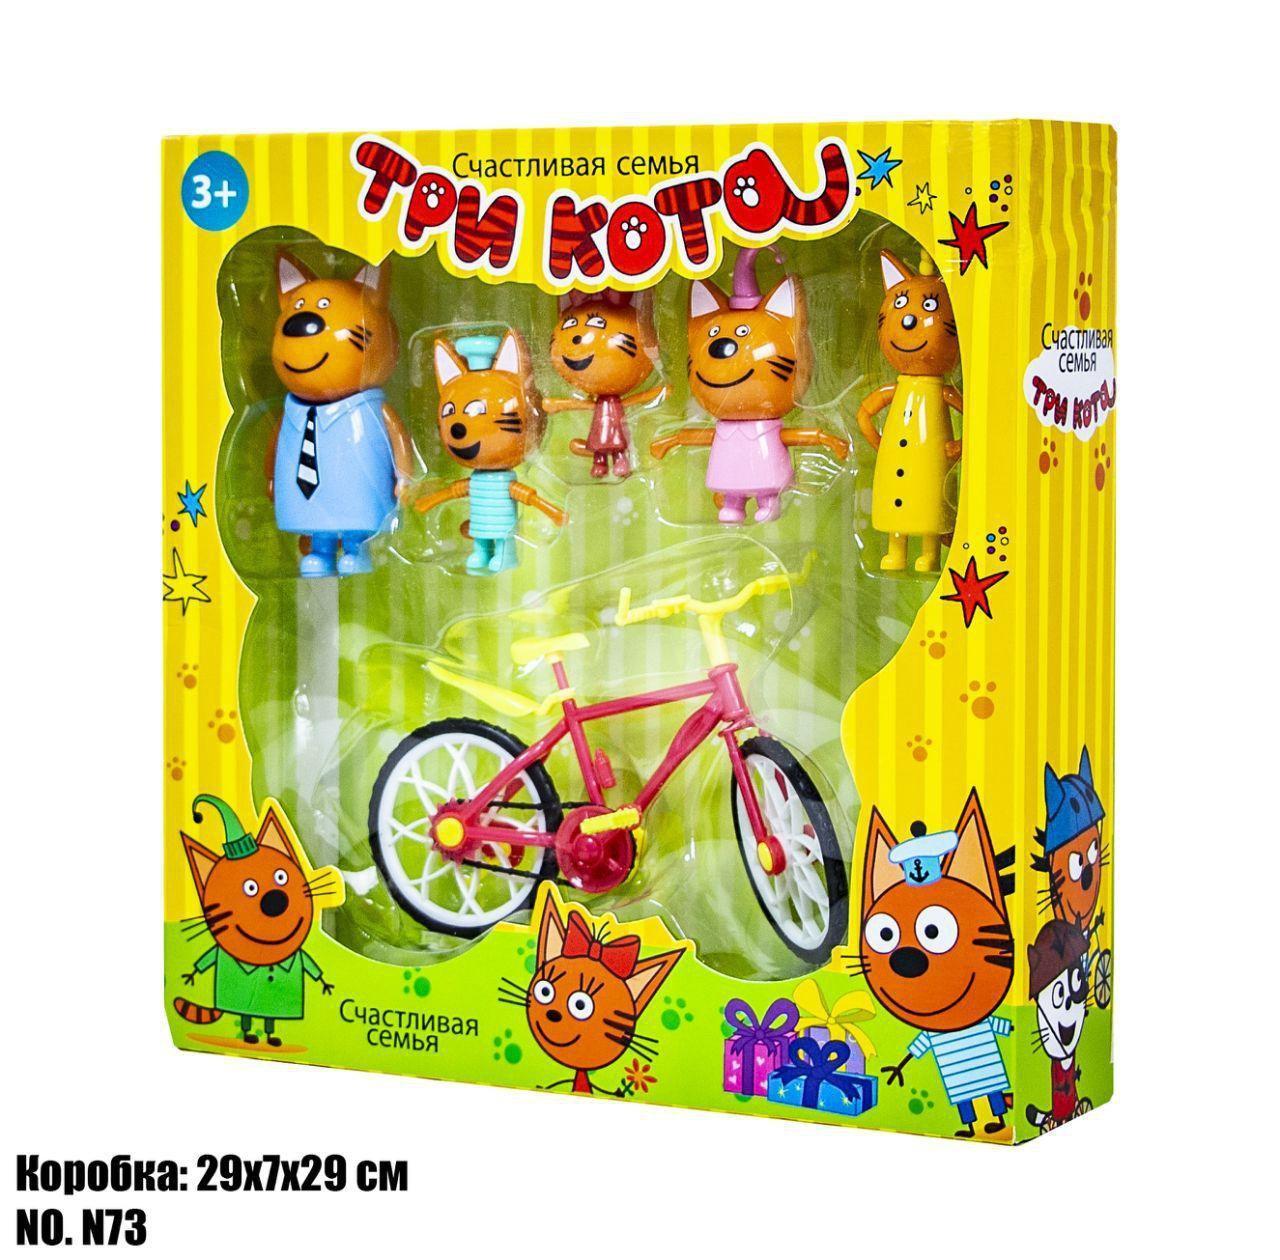 """Набор персонажей мультфильма """"Три кота"""" с велосипедом из серии Счастливая семья scs"""